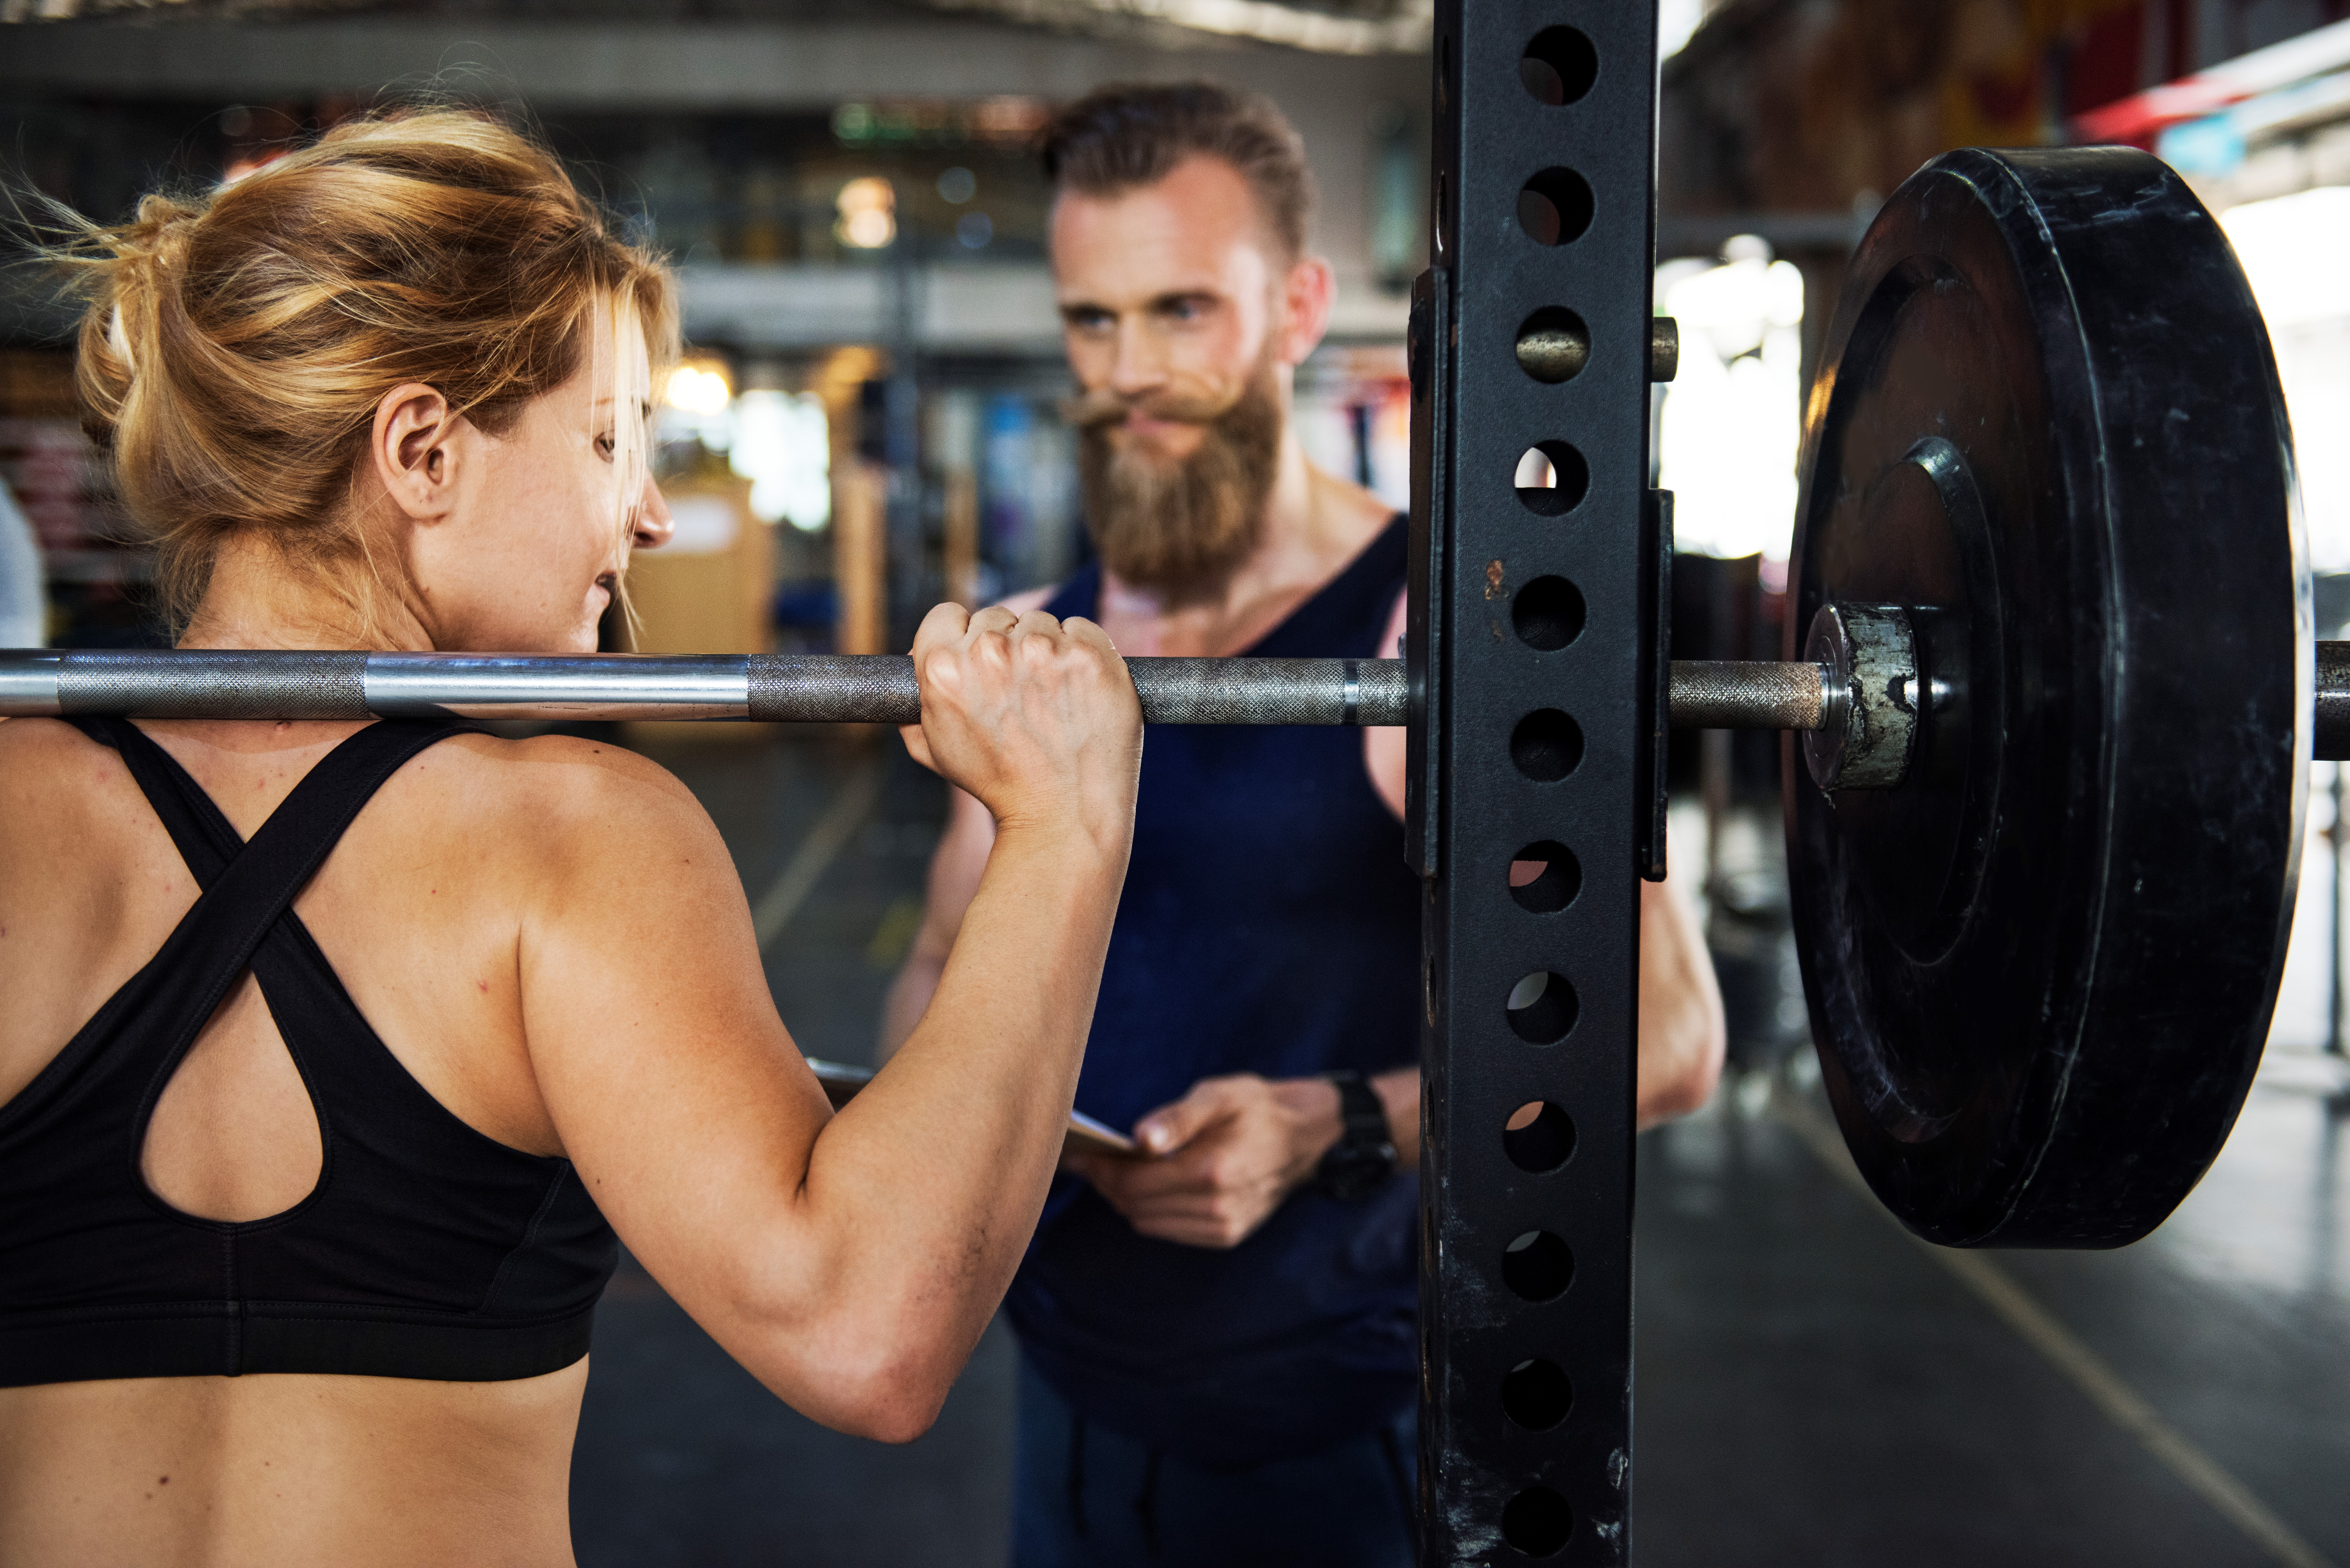 Nova startup aposta na abertura do mercado fitness e propõe a união digital do personal trainer com o aluno